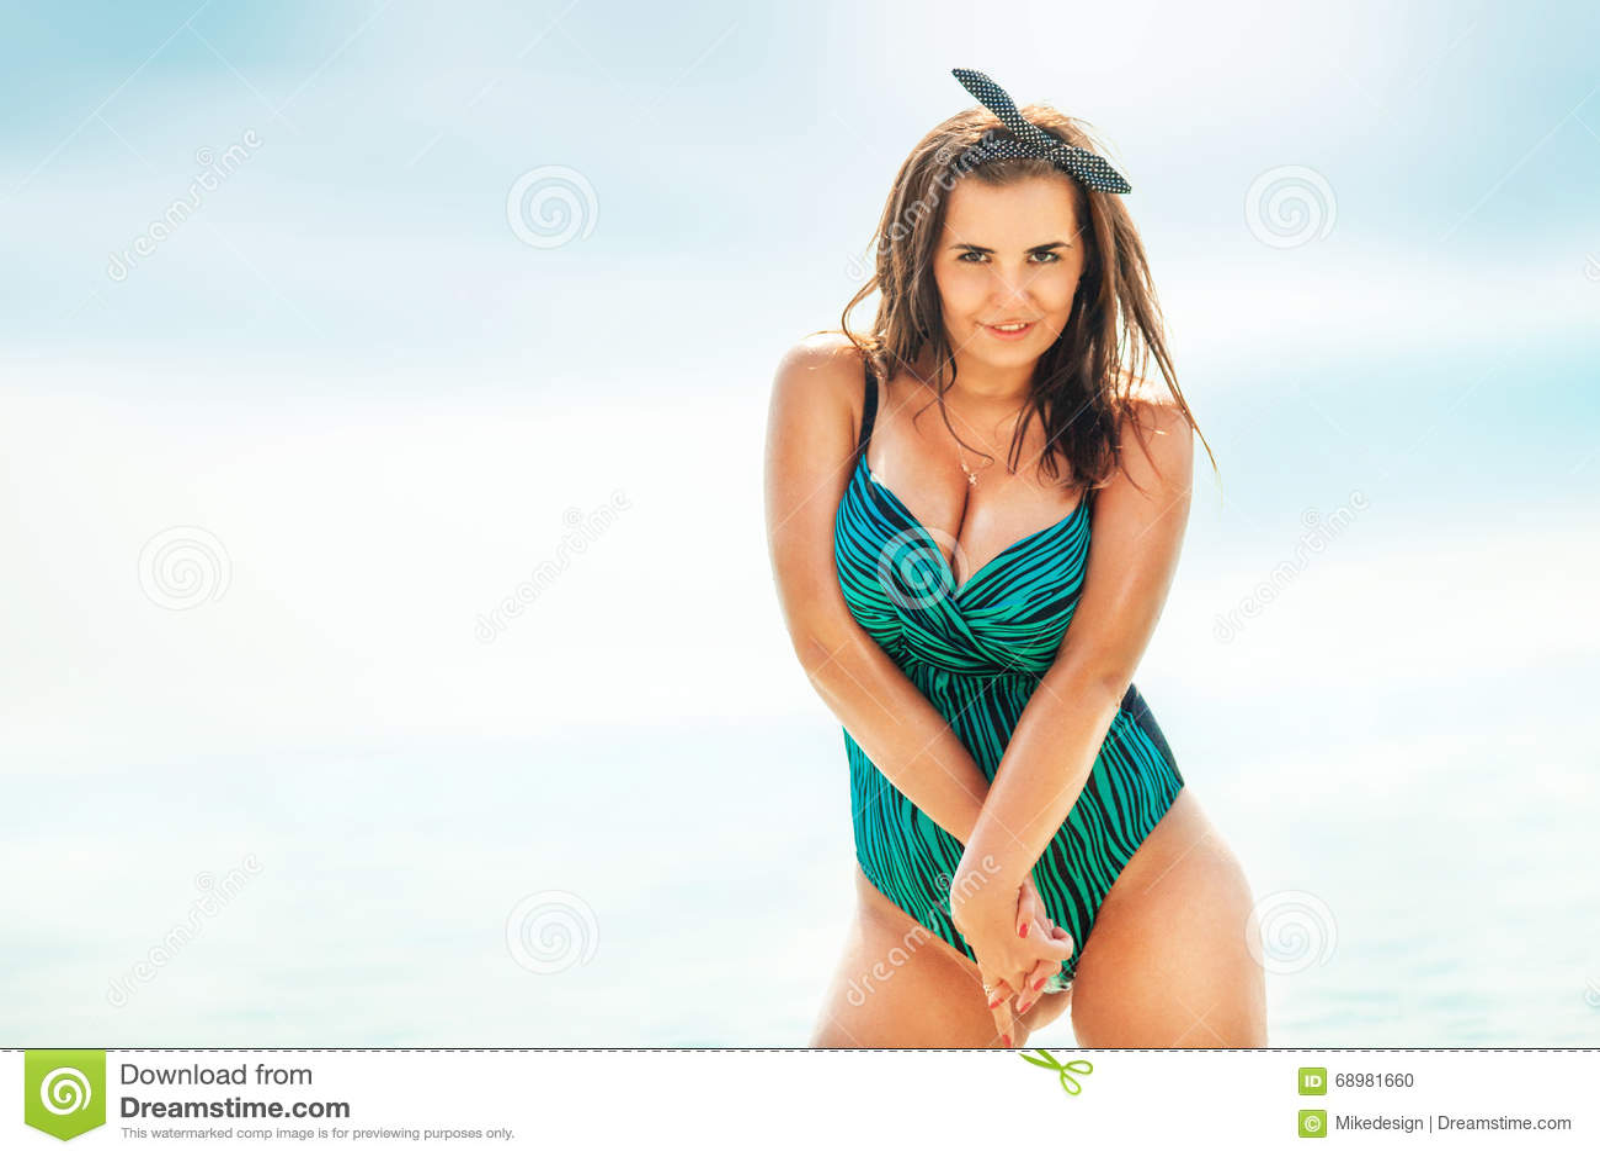 Grosse Femme Sexy Photo grosse femme sexy dans le maillot de bain près de la mer photo stock